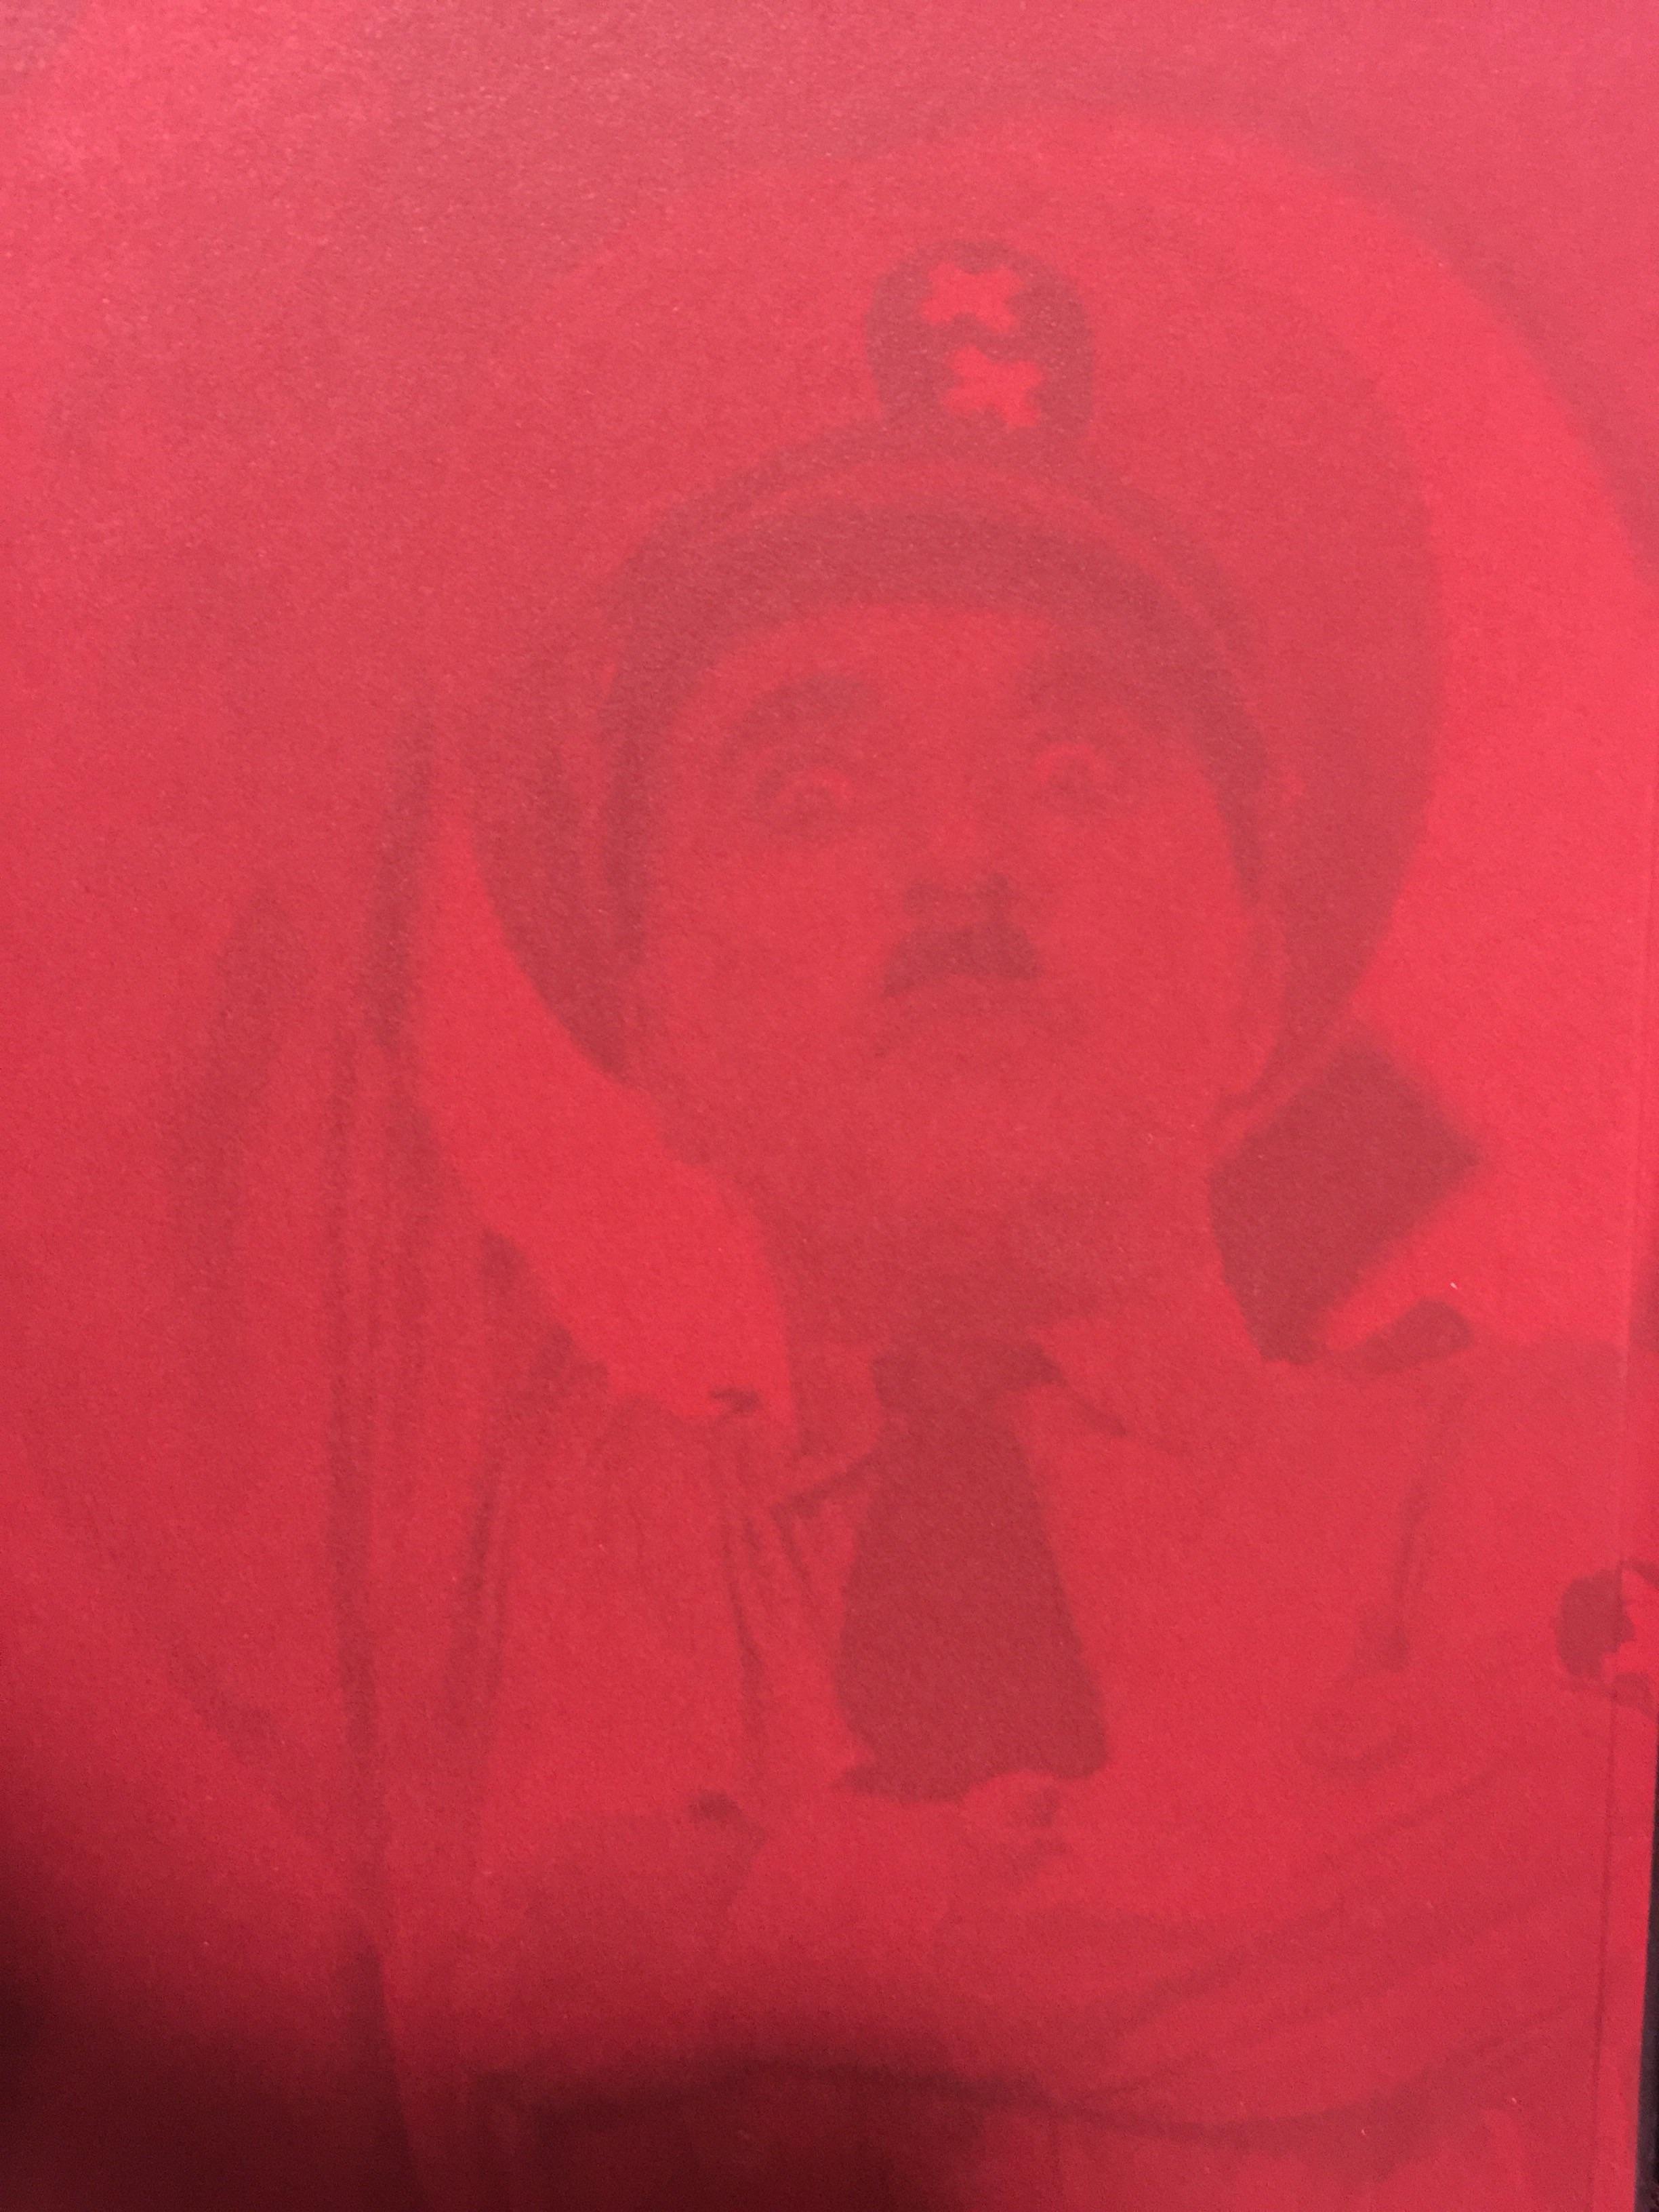 チャップリン ヒトラー 独裁者